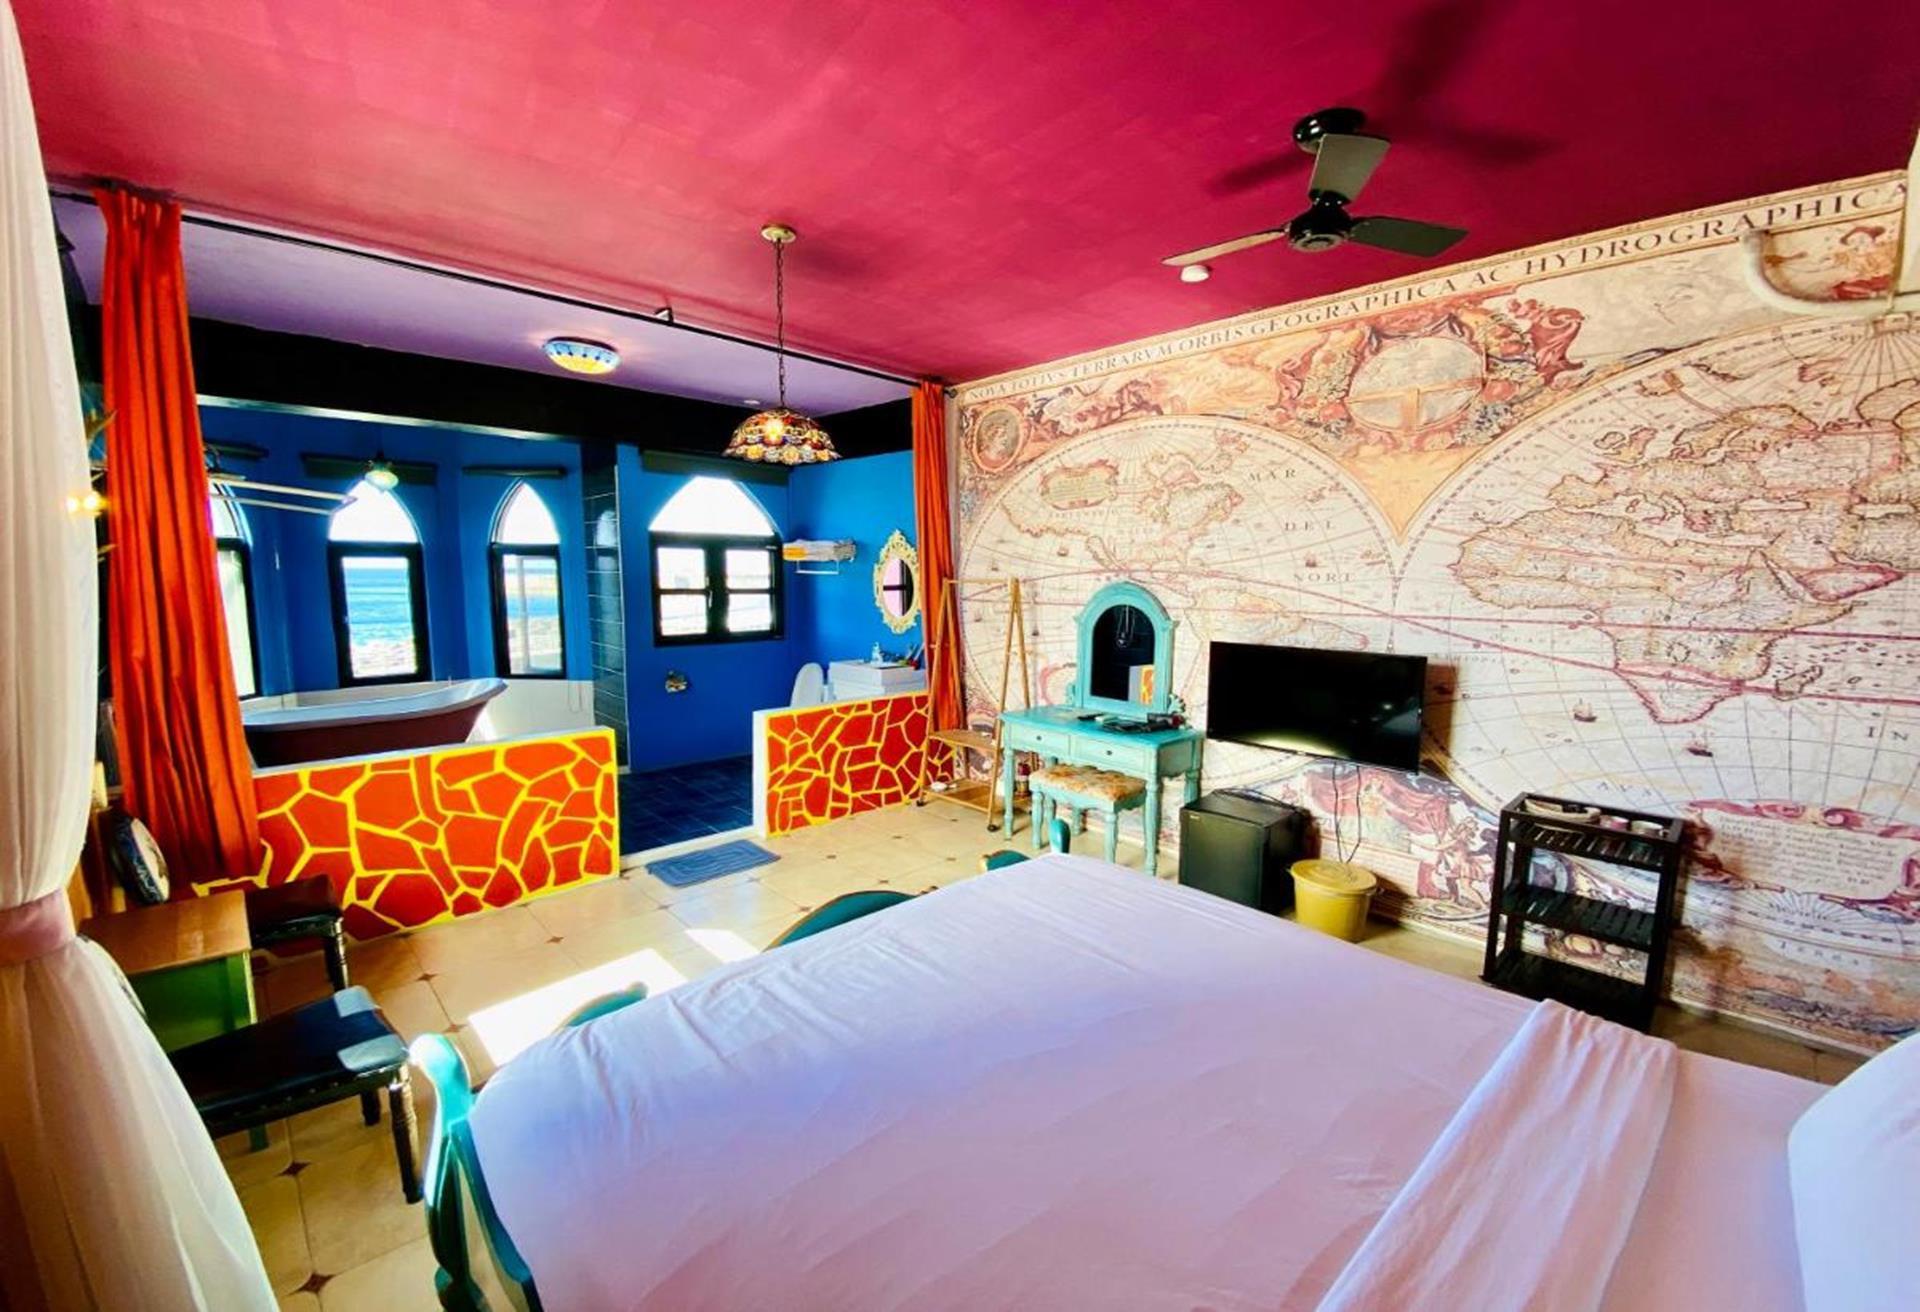 綠島海景民宿推薦 - 月光城堡潛水民宿房間內部充斥著特色裝潢造景